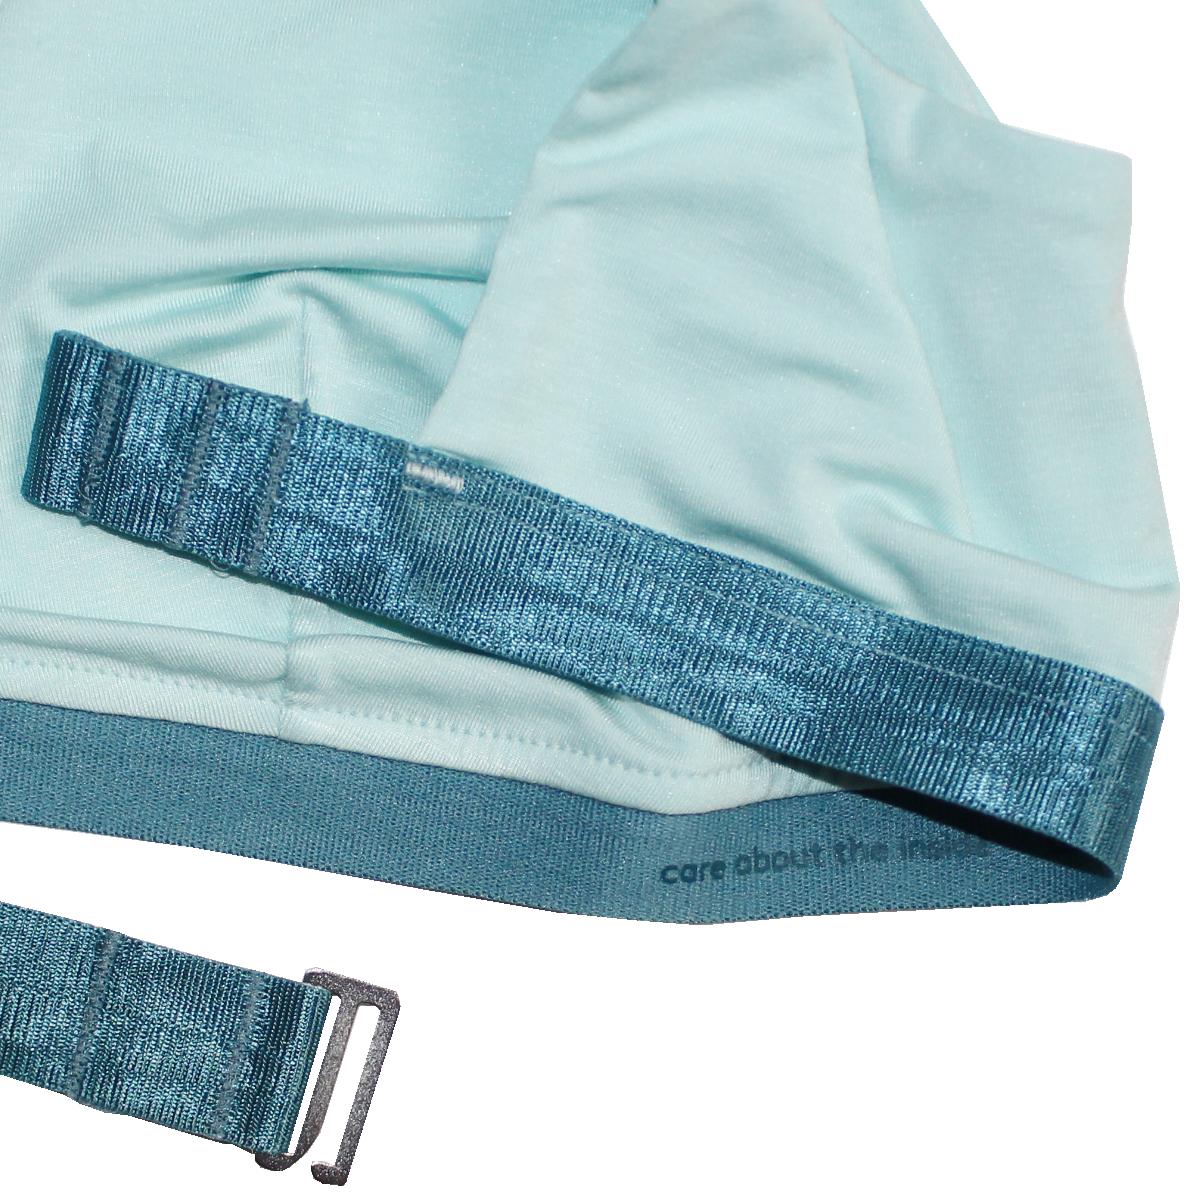 thezoo bralette bra tencel mint gruen